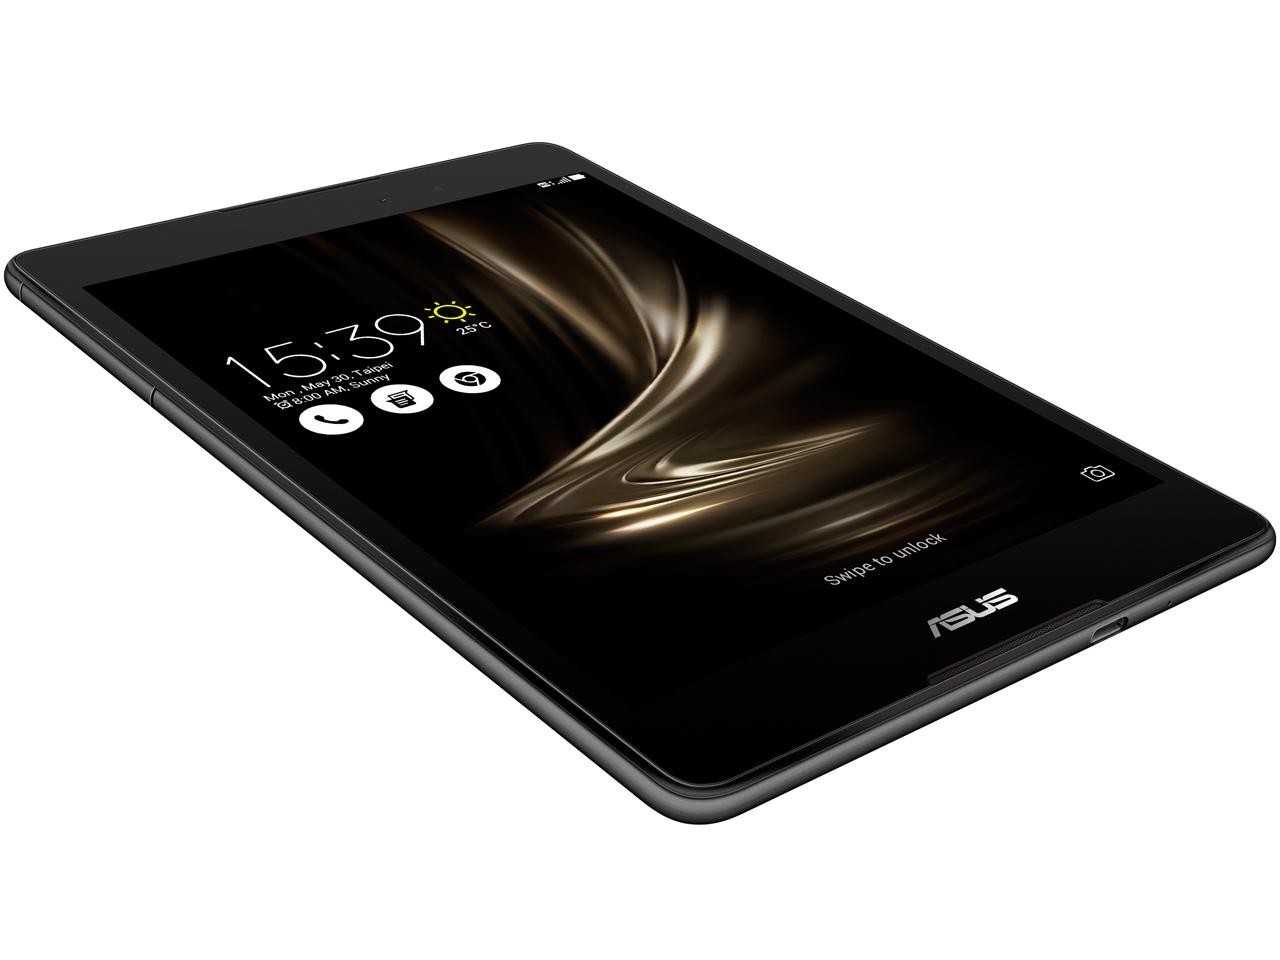 『本体2』 ASUS ZenPad 3 8.0 Z581KL-BK32S4 SIMフリー の製品画像